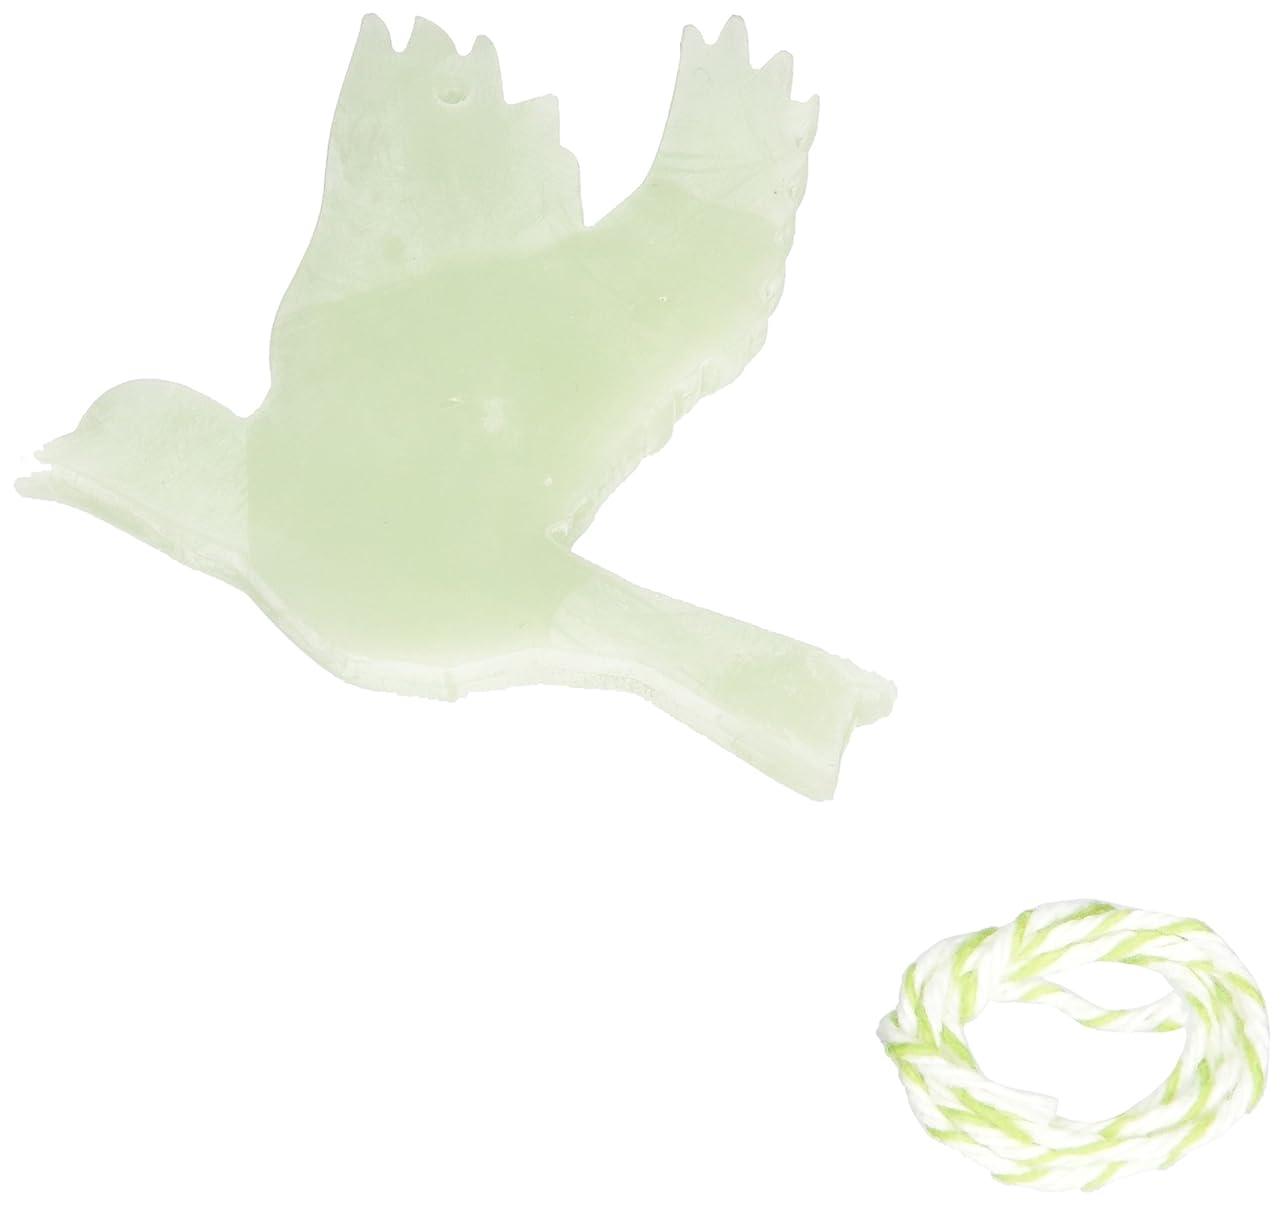 解き明かすナチュラル青写真GRASSE TOKYO AROMATICWAXチャーム「ハト」(GR) レモングラス アロマティックワックス グラーストウキョウ